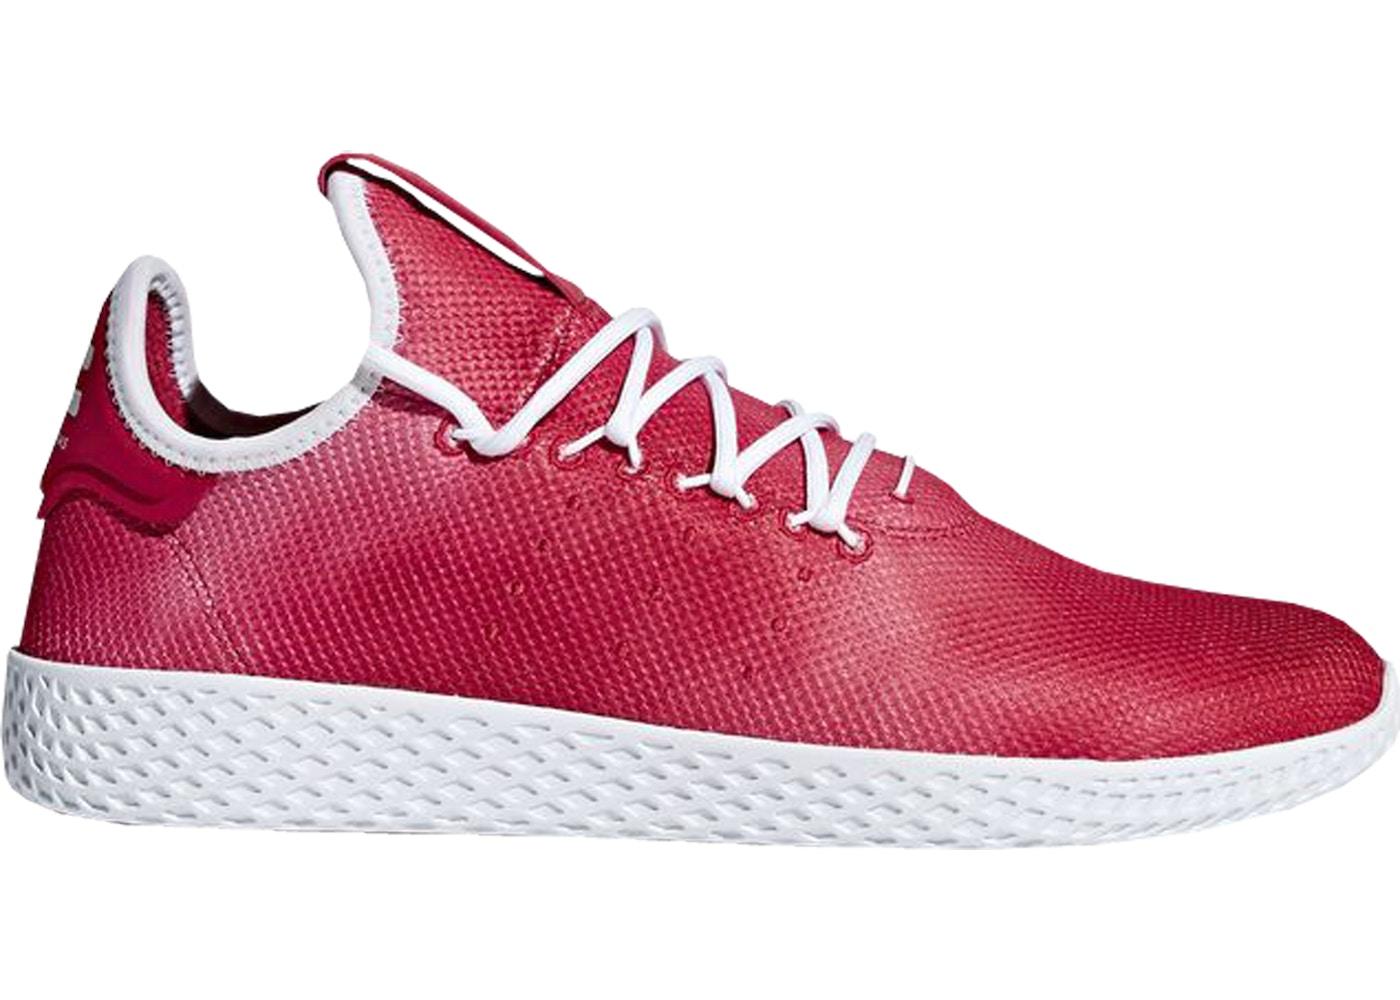 20de2535c9e9c adidas Tennis HU Pharrell Holi Red - DA9615